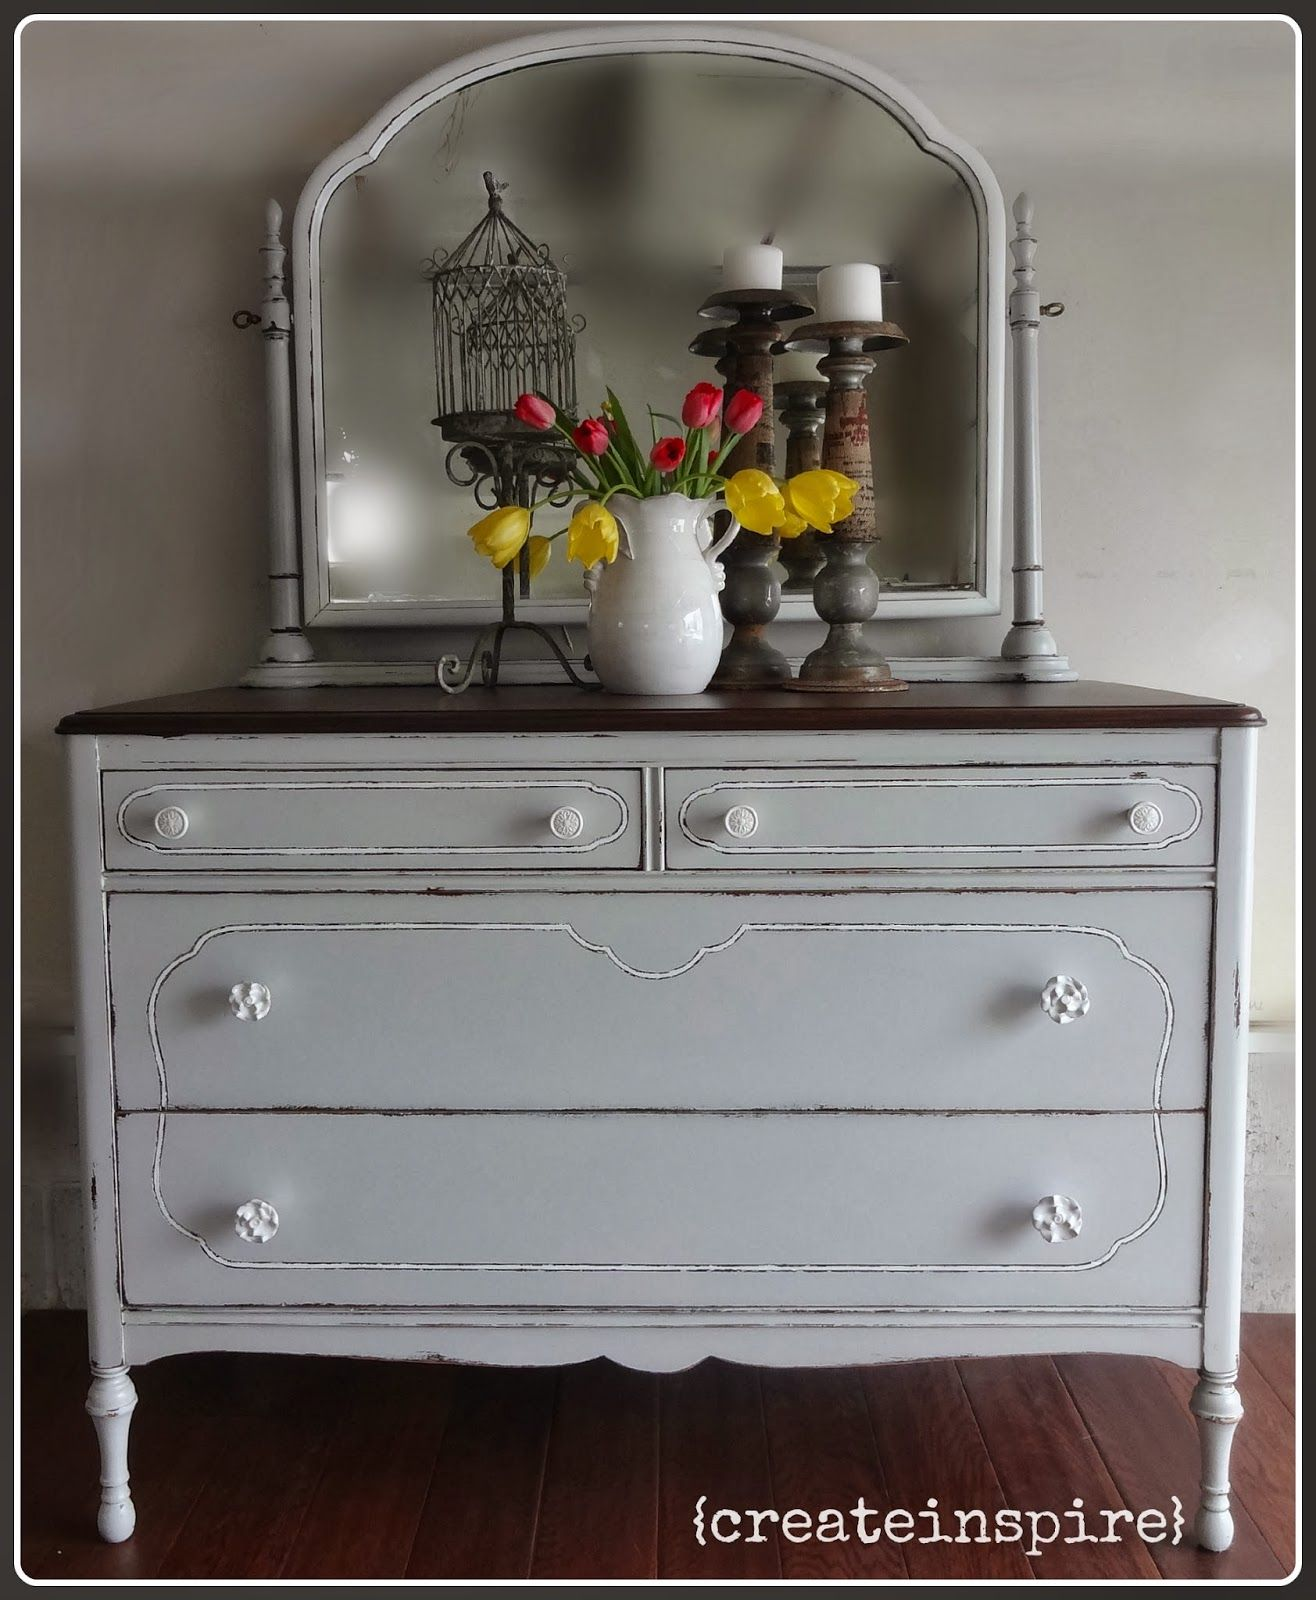 Createinspire Grandma S Dresser Shabby Chic Dresser White Antique Dresser Distressed Furniture Diy [ 1600 x 1316 Pixel ]